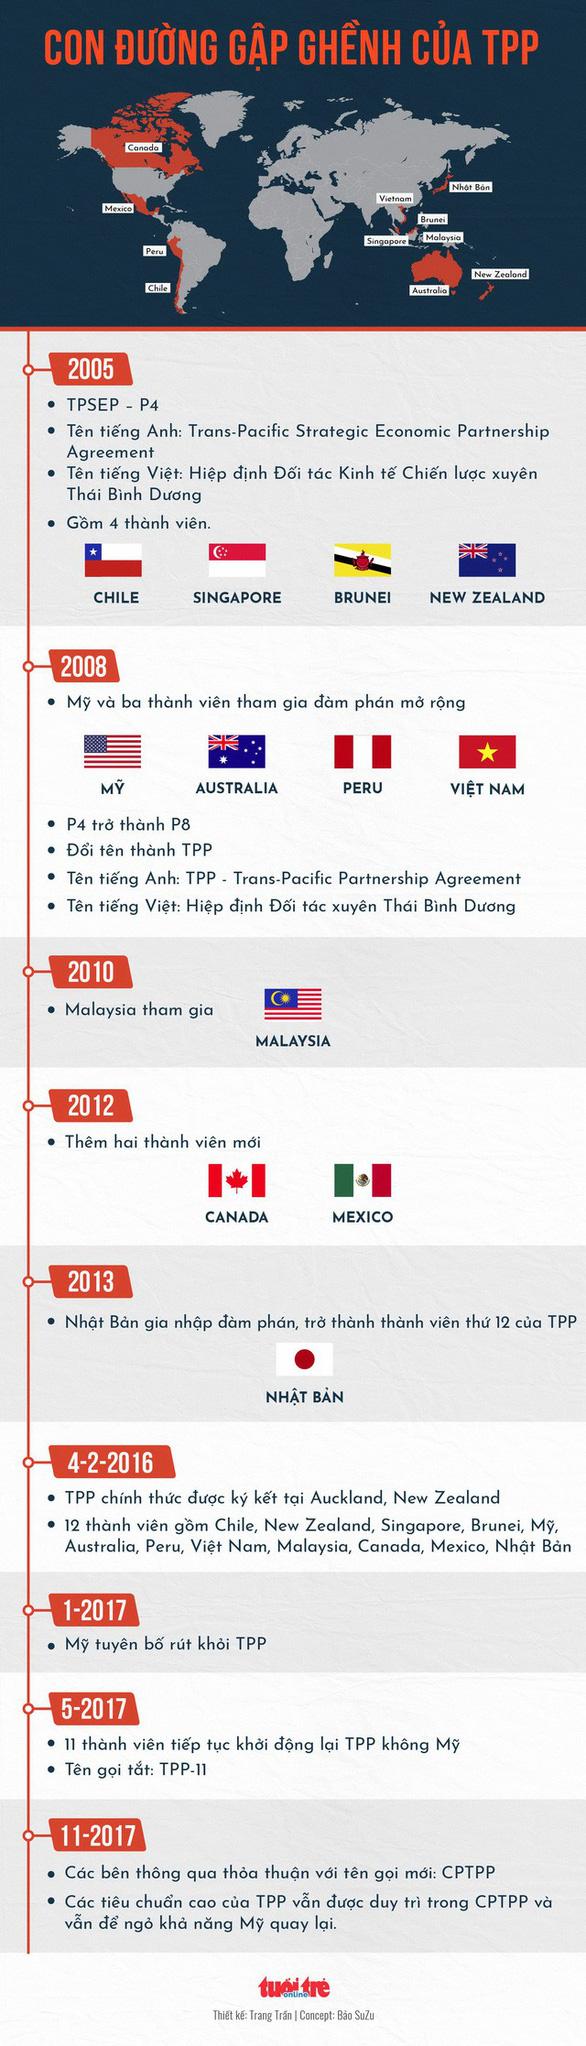 Hiệp định thay thế TPP đã được ký kết - Ảnh 3.